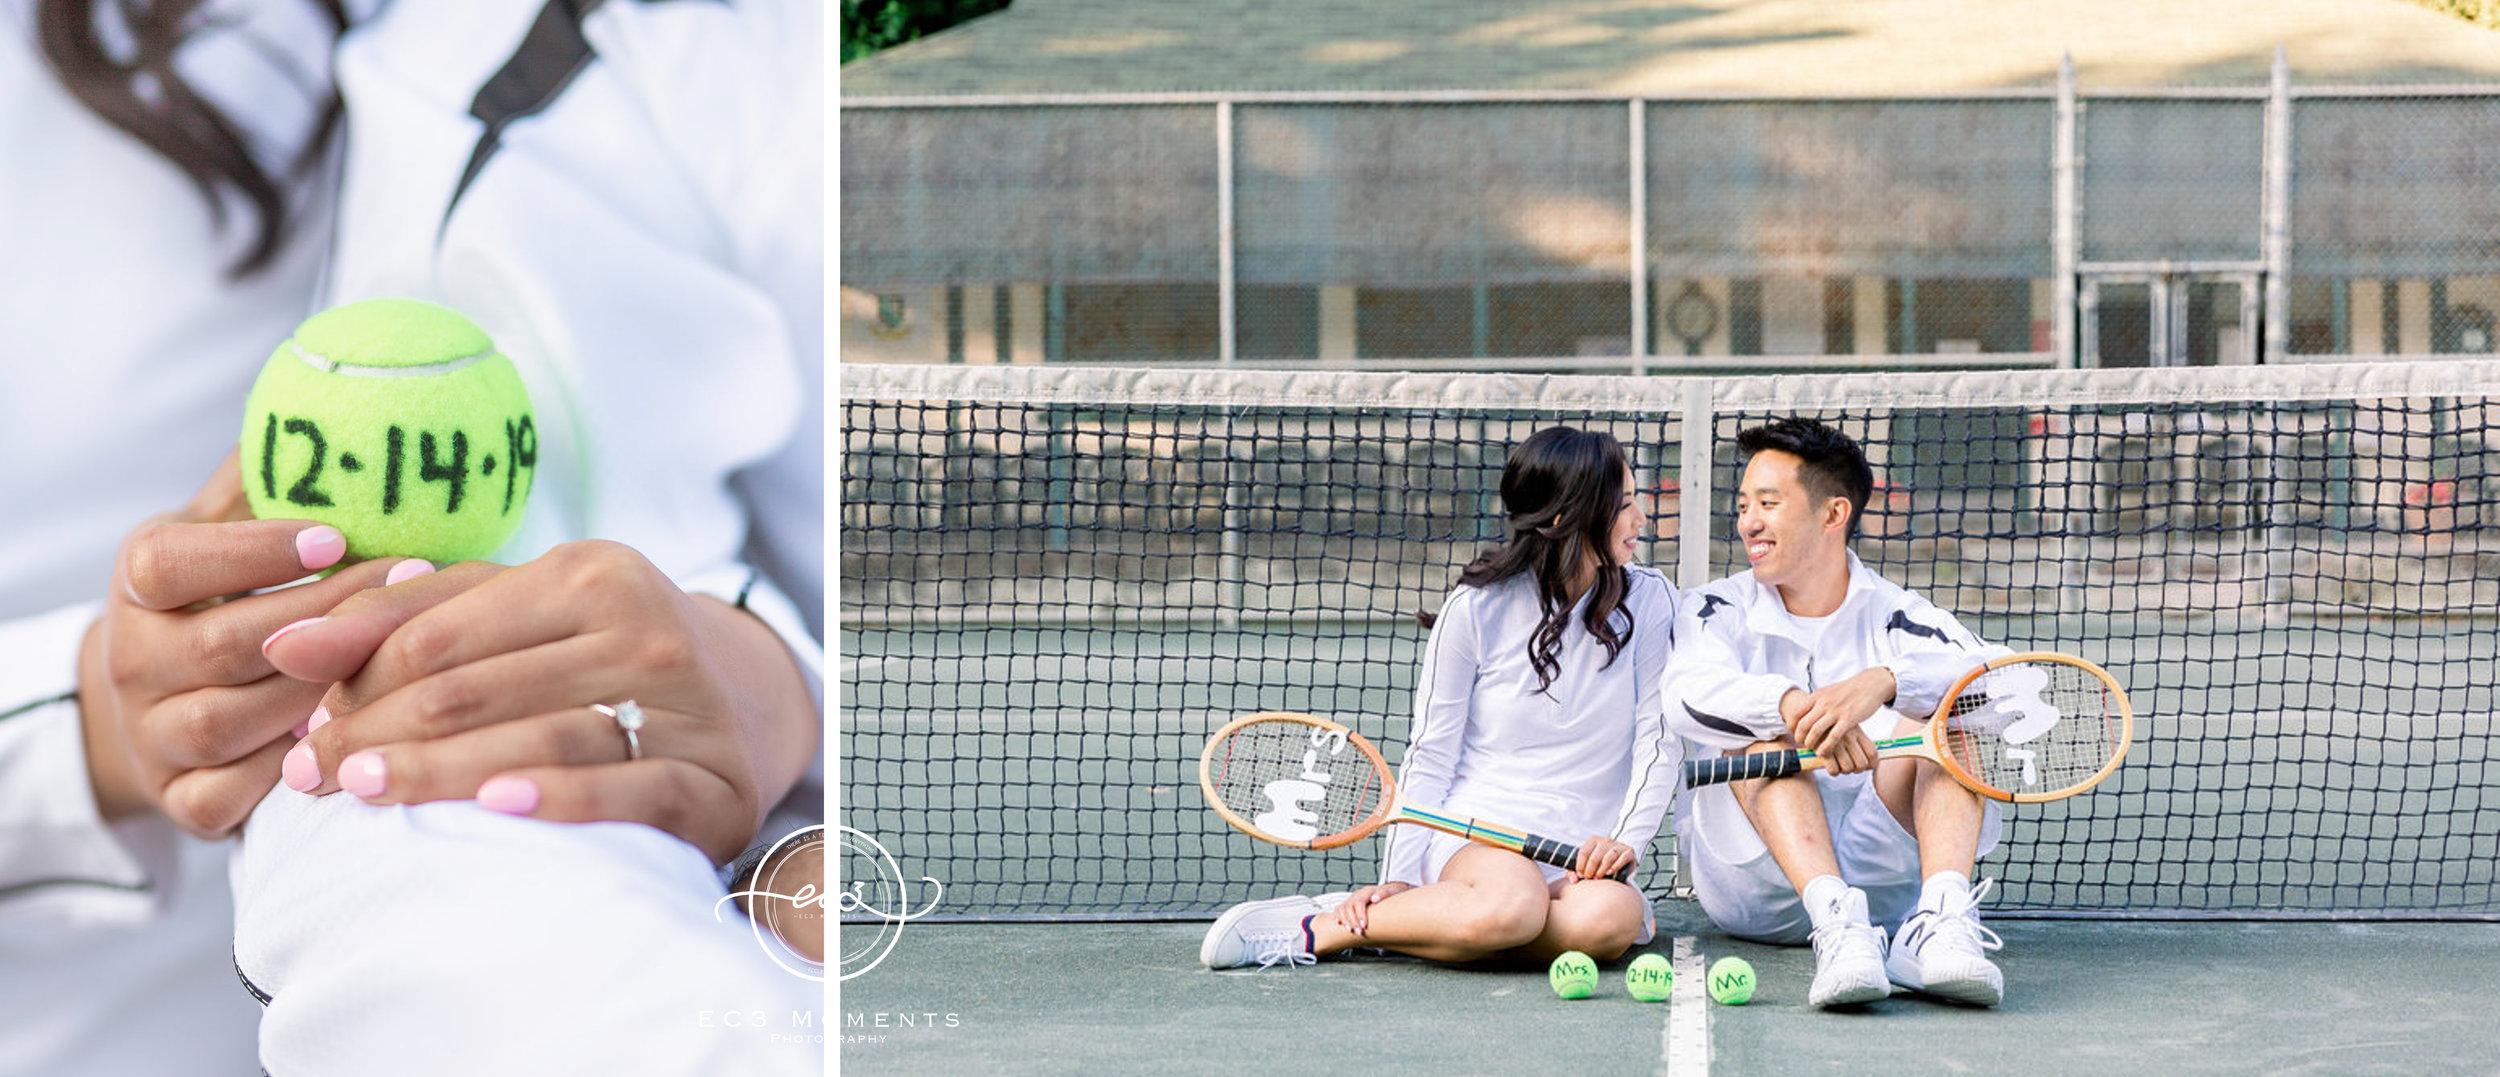 Alexander Muir Memorial Gardens Tennis Court Toronto Engagement 13.jpg